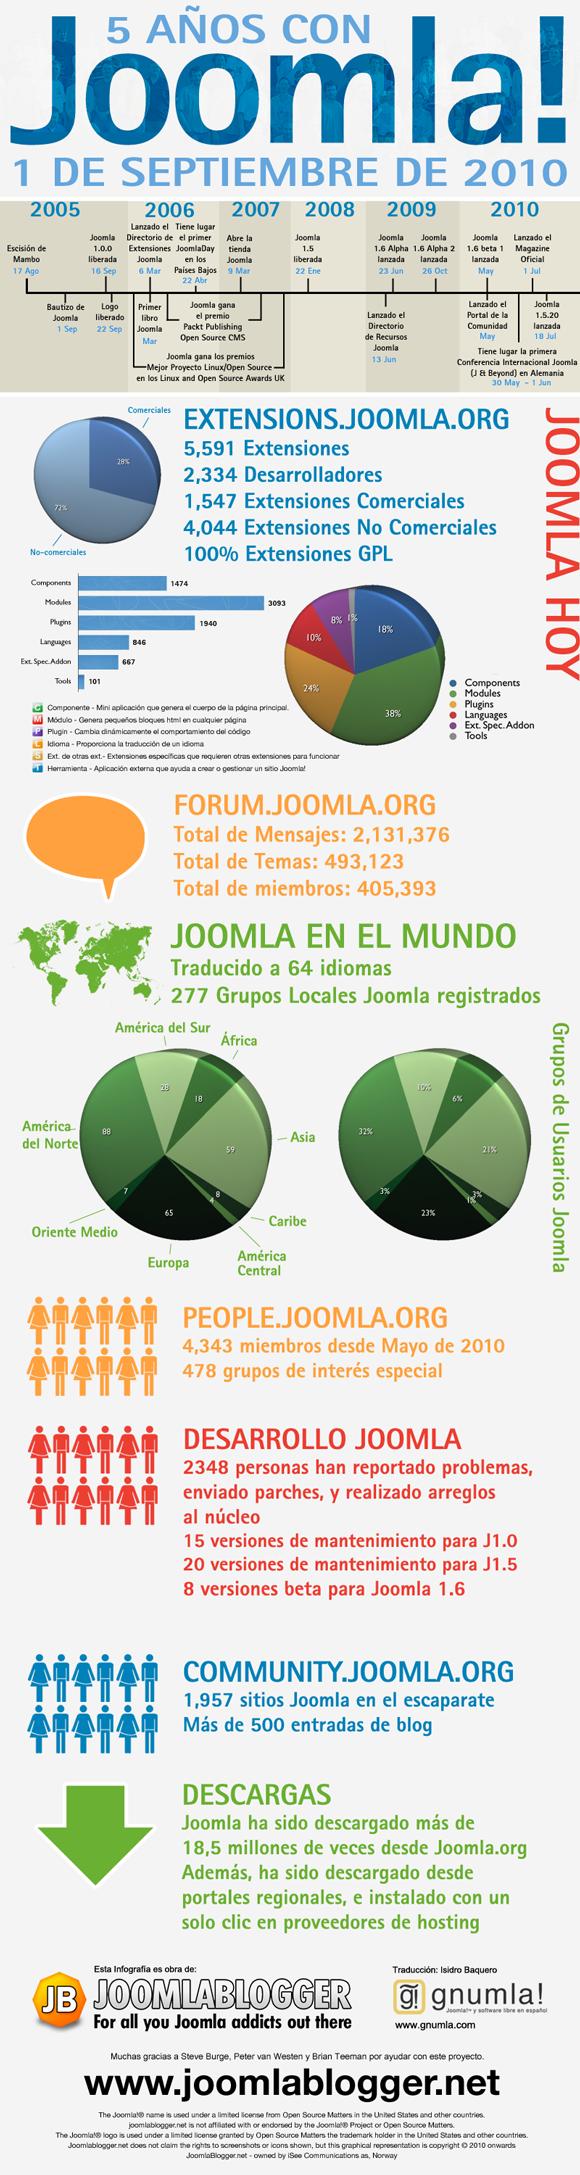 Esta infografía muestra la historia de Joomla! desde su concepción en 2005 hasta nuestros días, y es la versión en español de la original que creé para el 5º cumpleaños de Joomla! el 1 de Septiembre de 2010.  Además, el gráfico muestra algunos datos clave del proyecto a día de hoy.  Espero que disfrutéis de la infografía y la compartáis con todos vuestros conocidos ;). Gracias a Isidro Baquero de www.gnumla.com por la traducción al español.